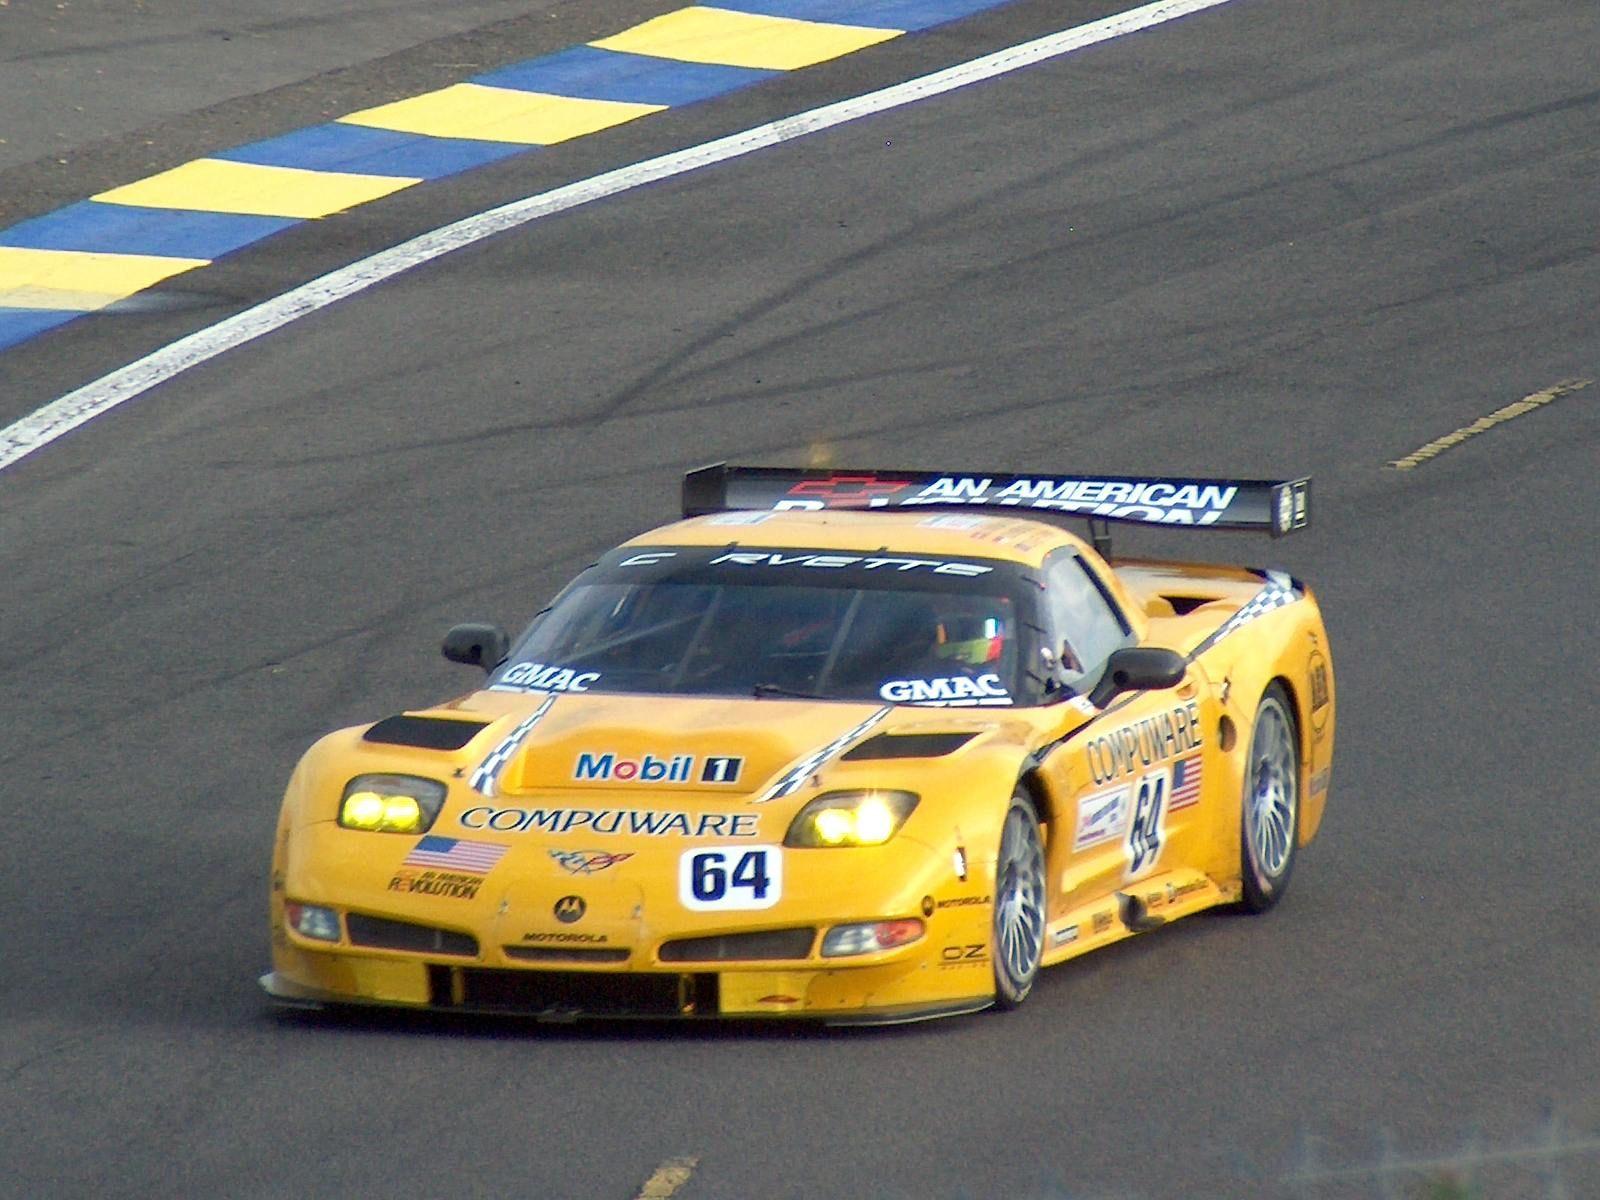 The 2004 Chevrolet Corvette C5 R wins the 2004 24 Hours at Le Mans